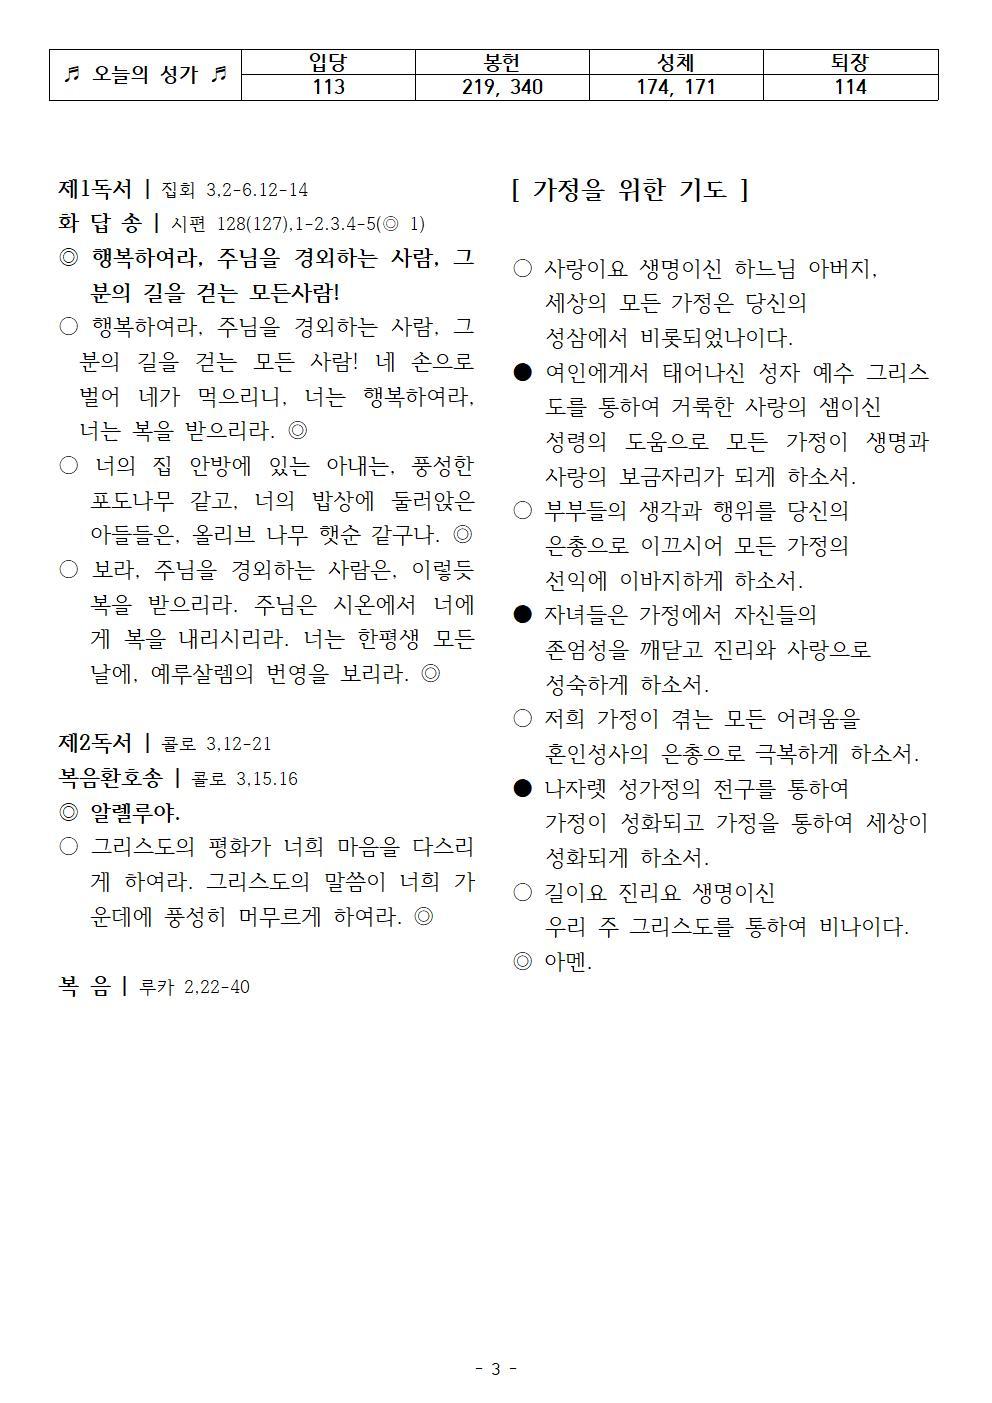 201227 성가정축일003.jpg